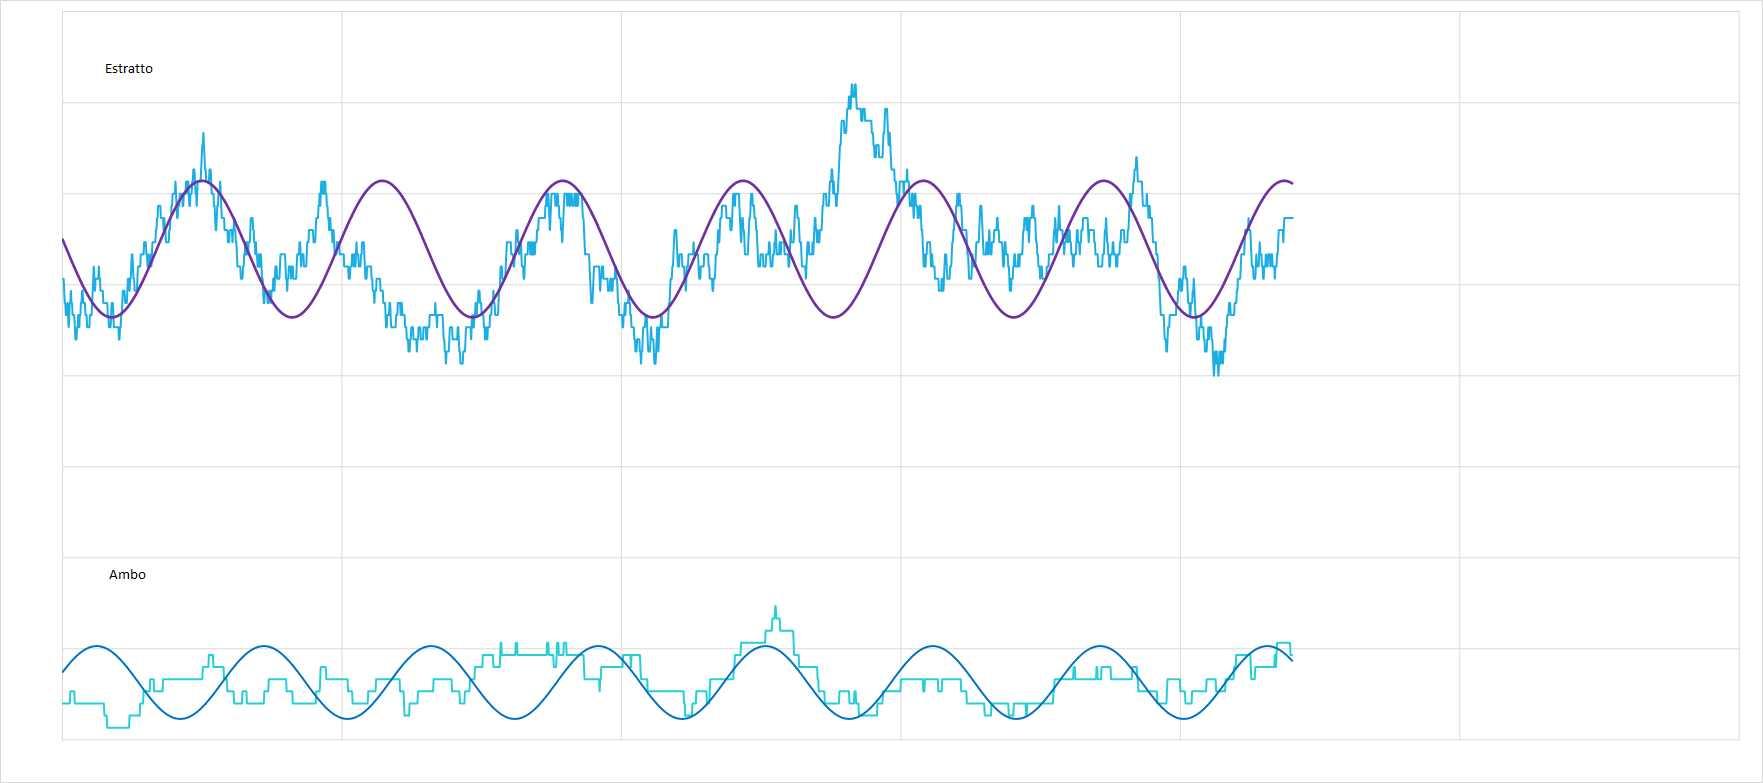 Ipotetico andamento sinusoidale interpolante per le medie dell'estratto e dell'ambo - Aggiornato all'estrazione precedente il 20 Aprile 2021